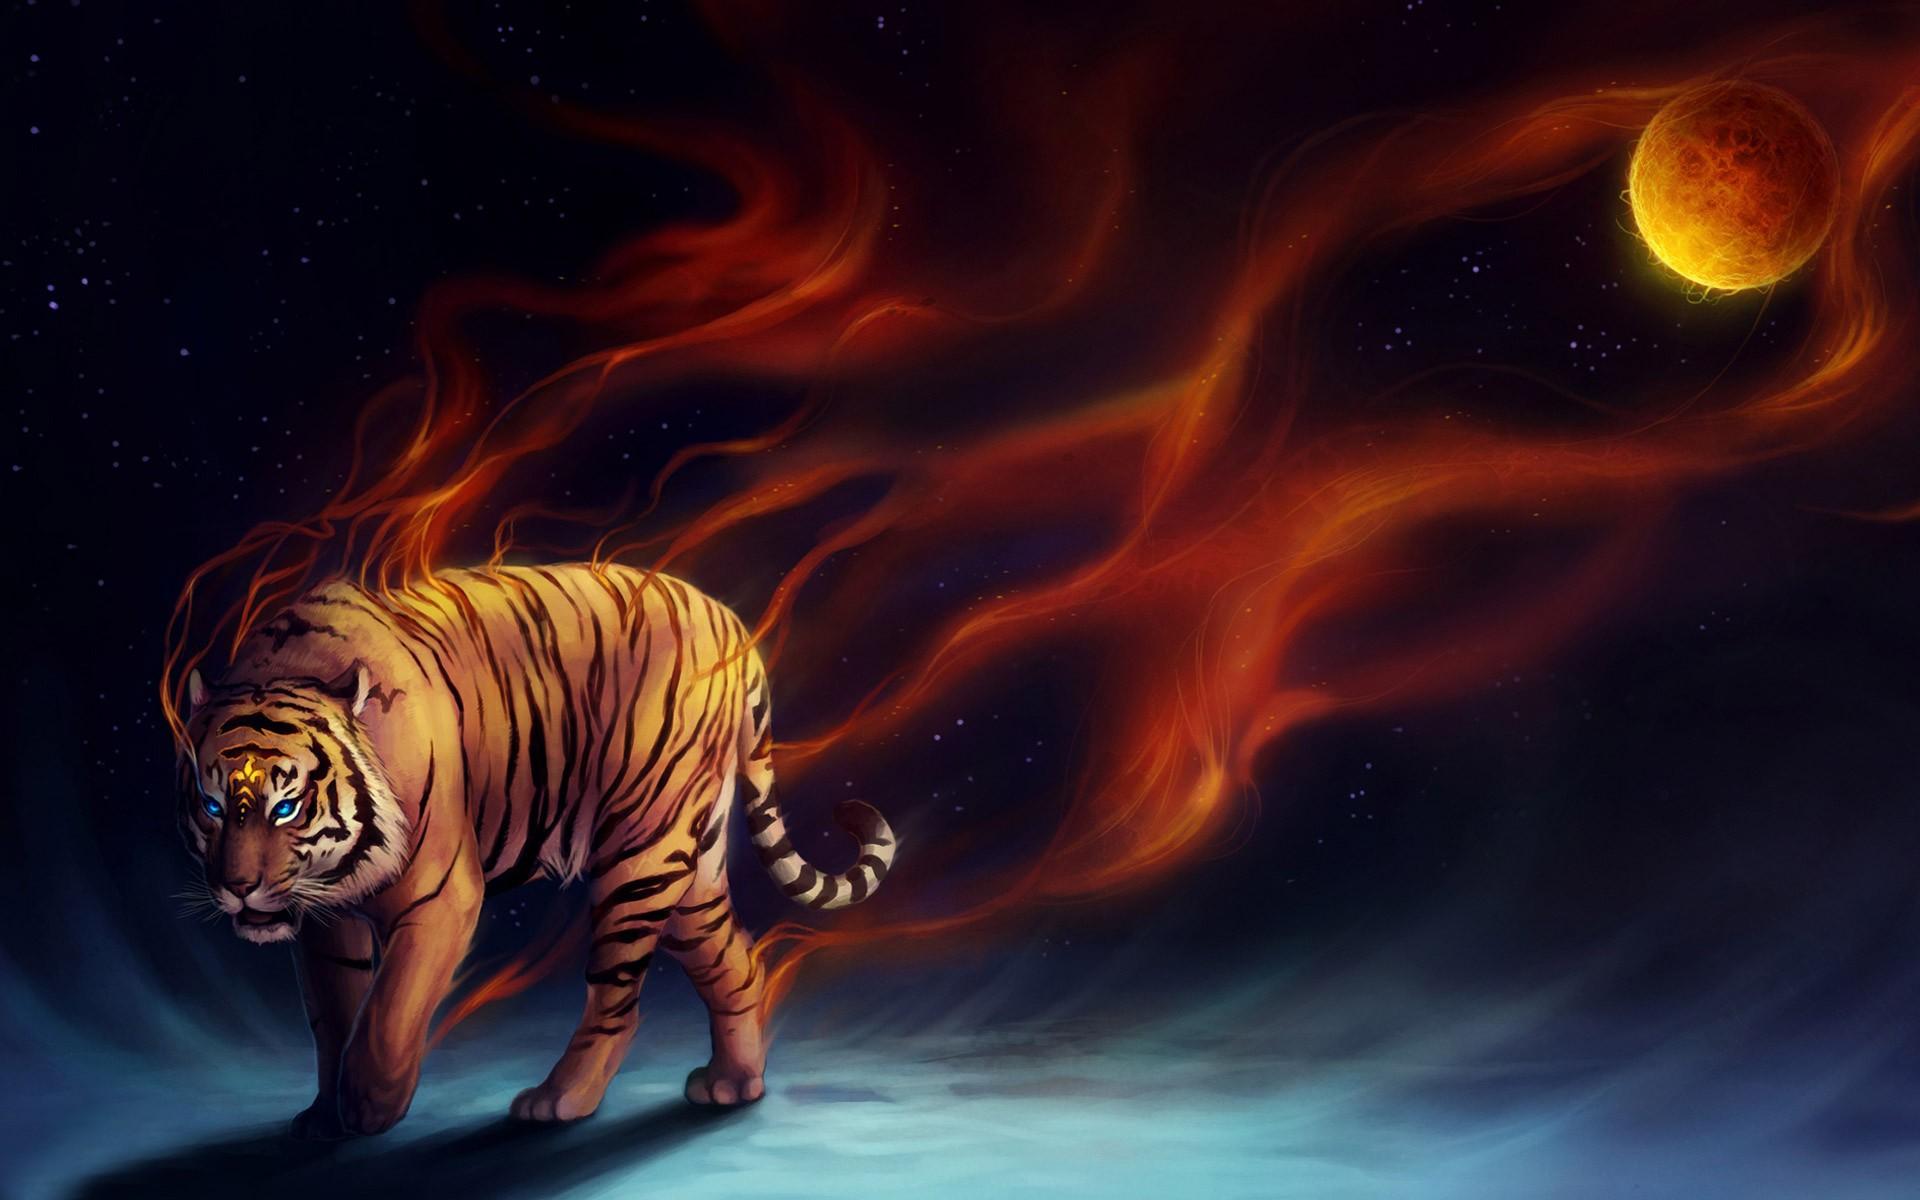 Обои на рабочий стол тигр дракон